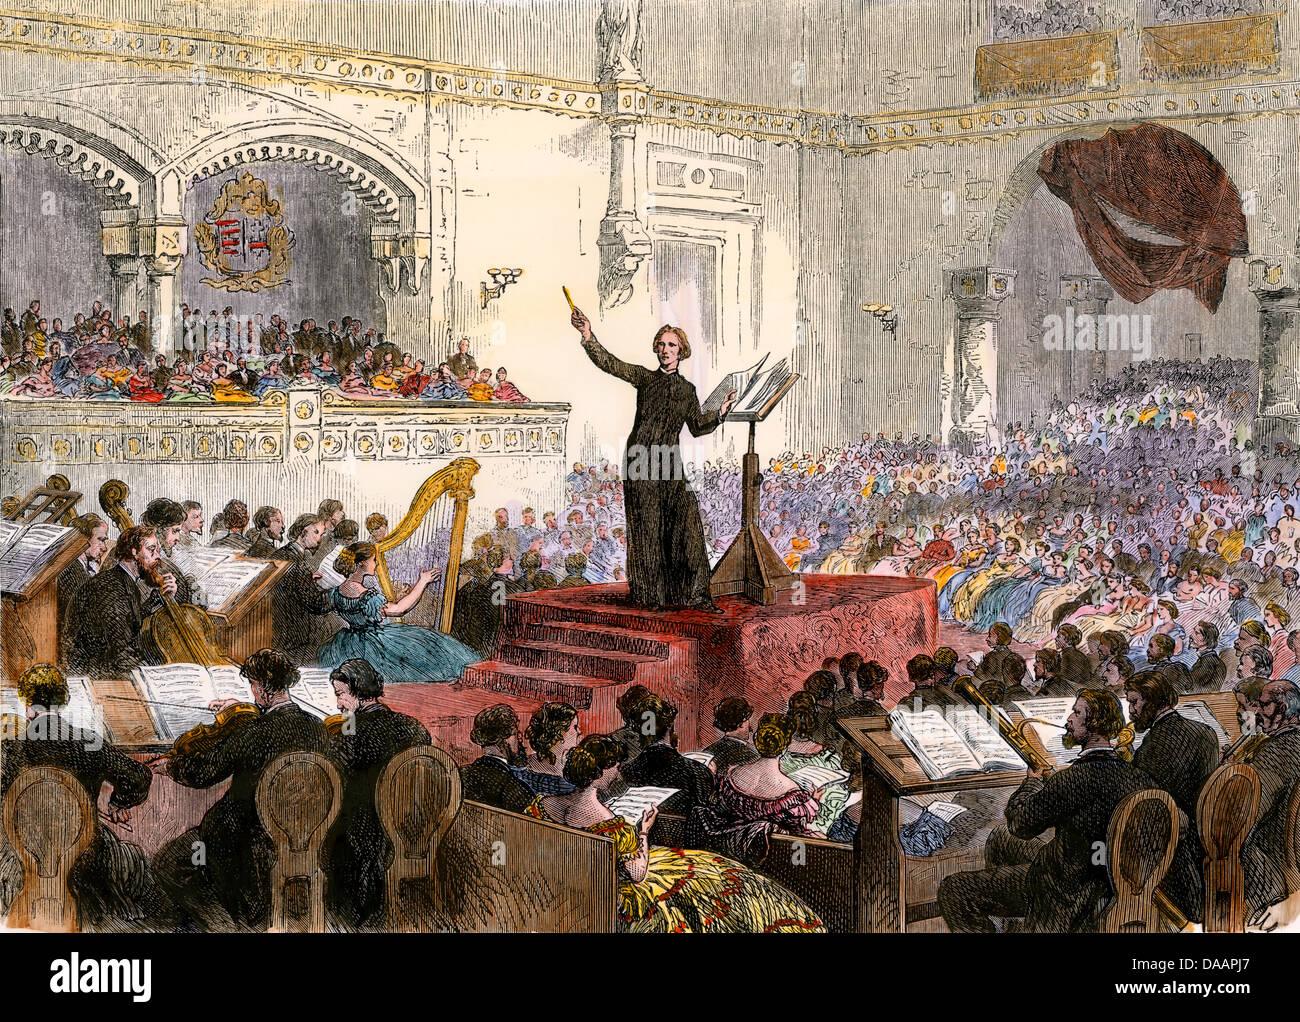 Franz Liszt die Durchführung seiner neuen Oratorium in Budapest, Ungarn, 1860. Hand - farbige Holzschnitt Stockbild